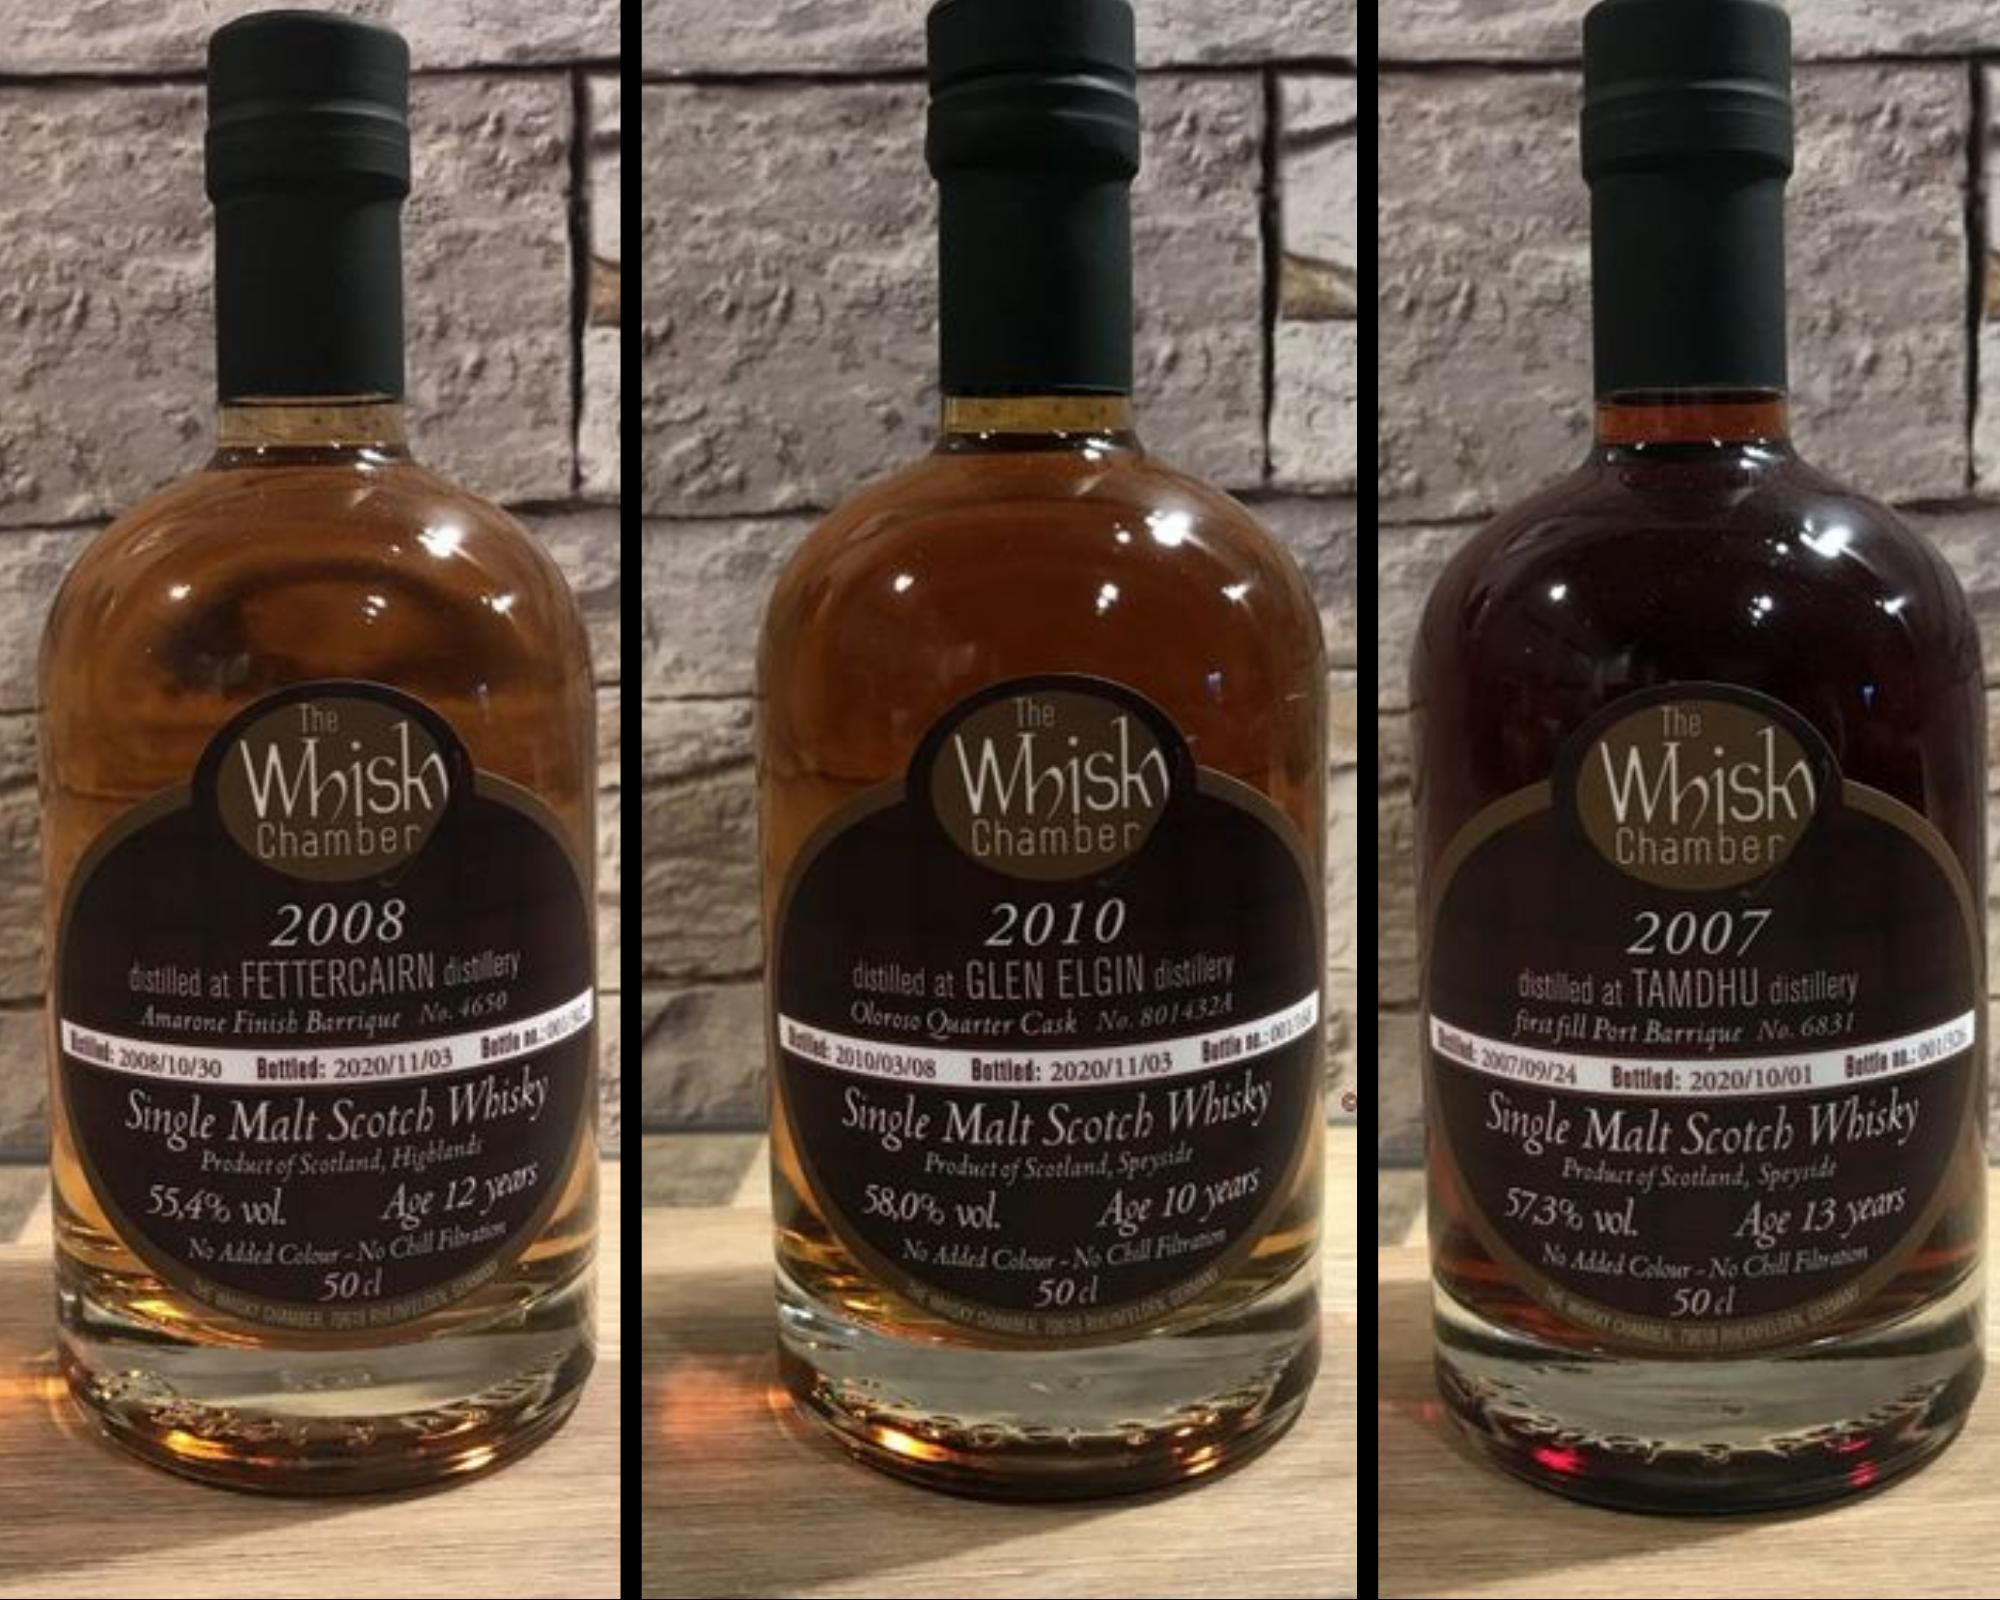 Alle guten Dinge sind drei: Neue Abfüllungen von The Whisky Chamber